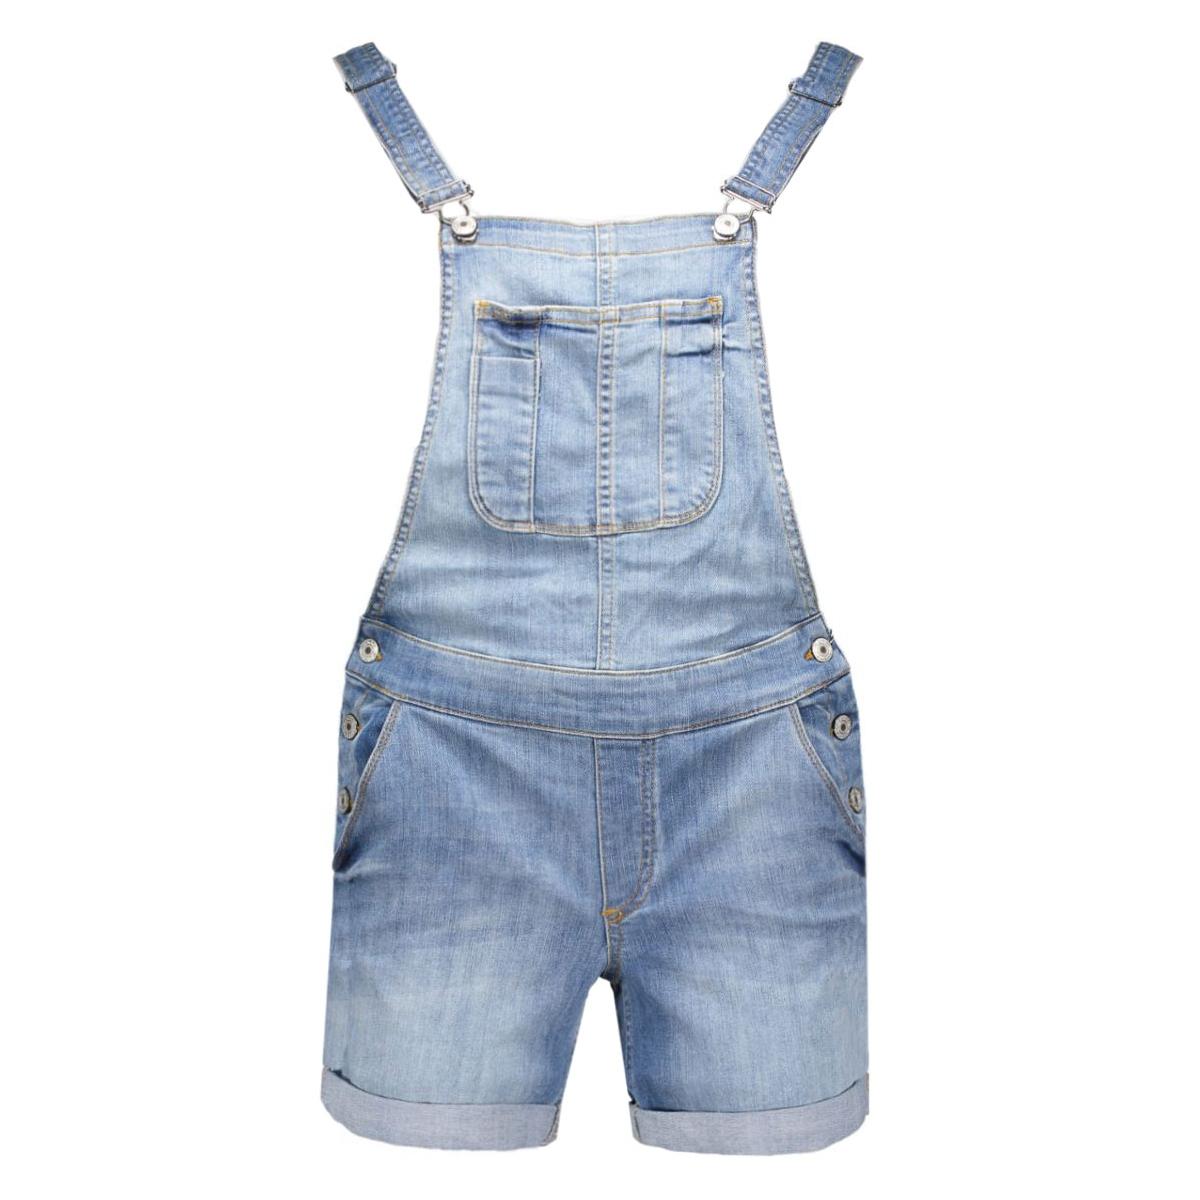 onlnew kim witty dnm overallshortcr 15114968 only jumpsuit light blue denim